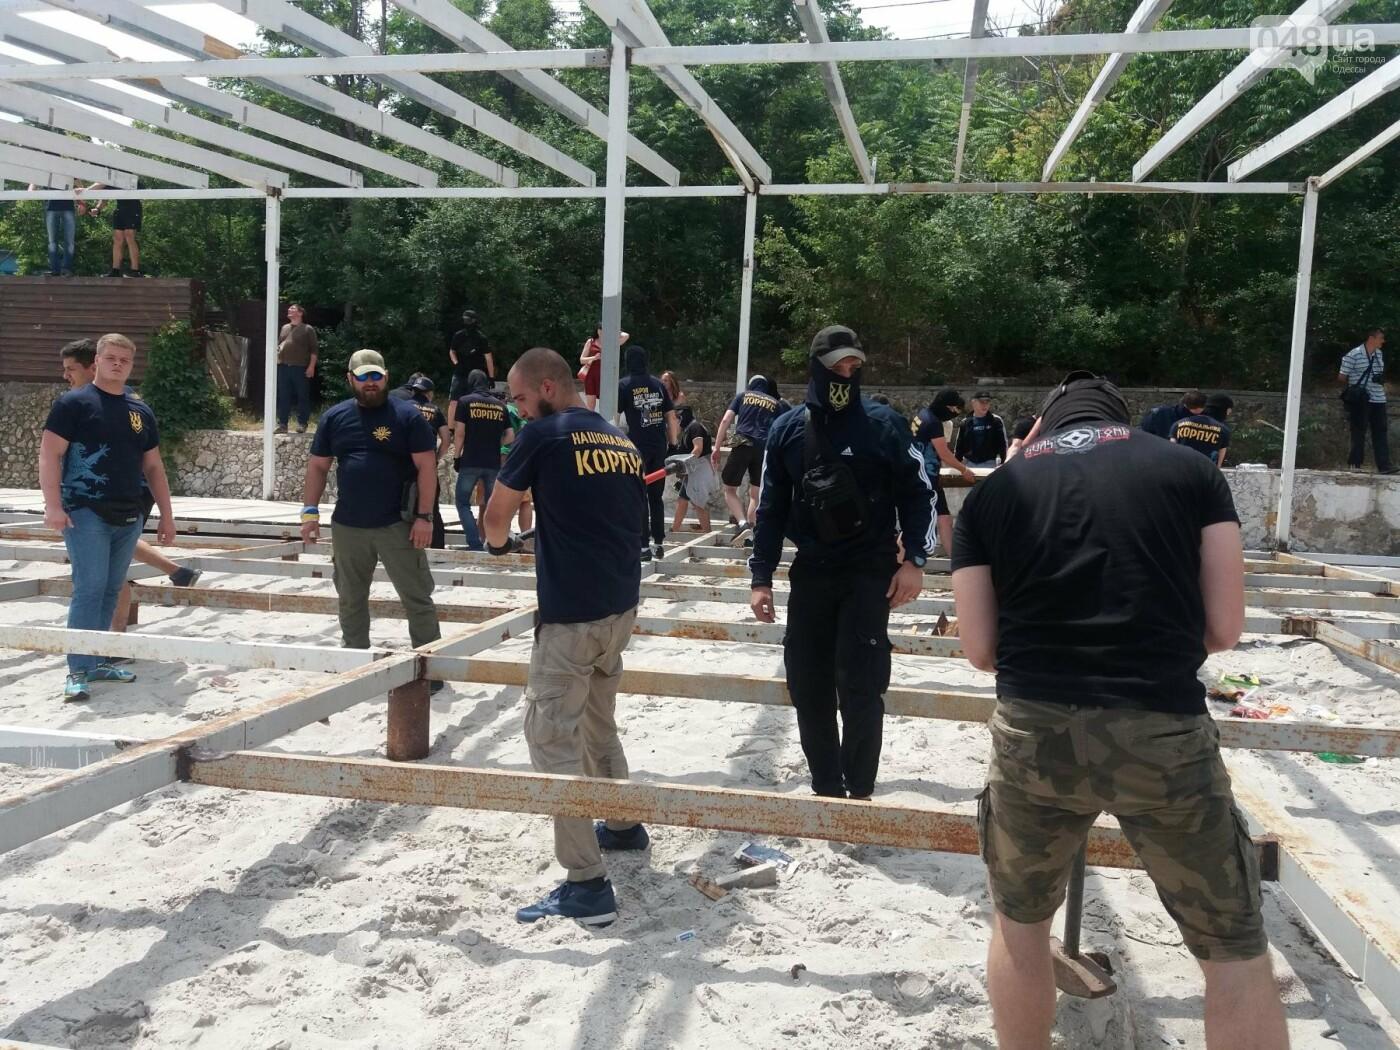 На Одесском пляже прошла акция по демонтажу незаконного сооружения, - ФОТО, ВИДЕО, фото-14